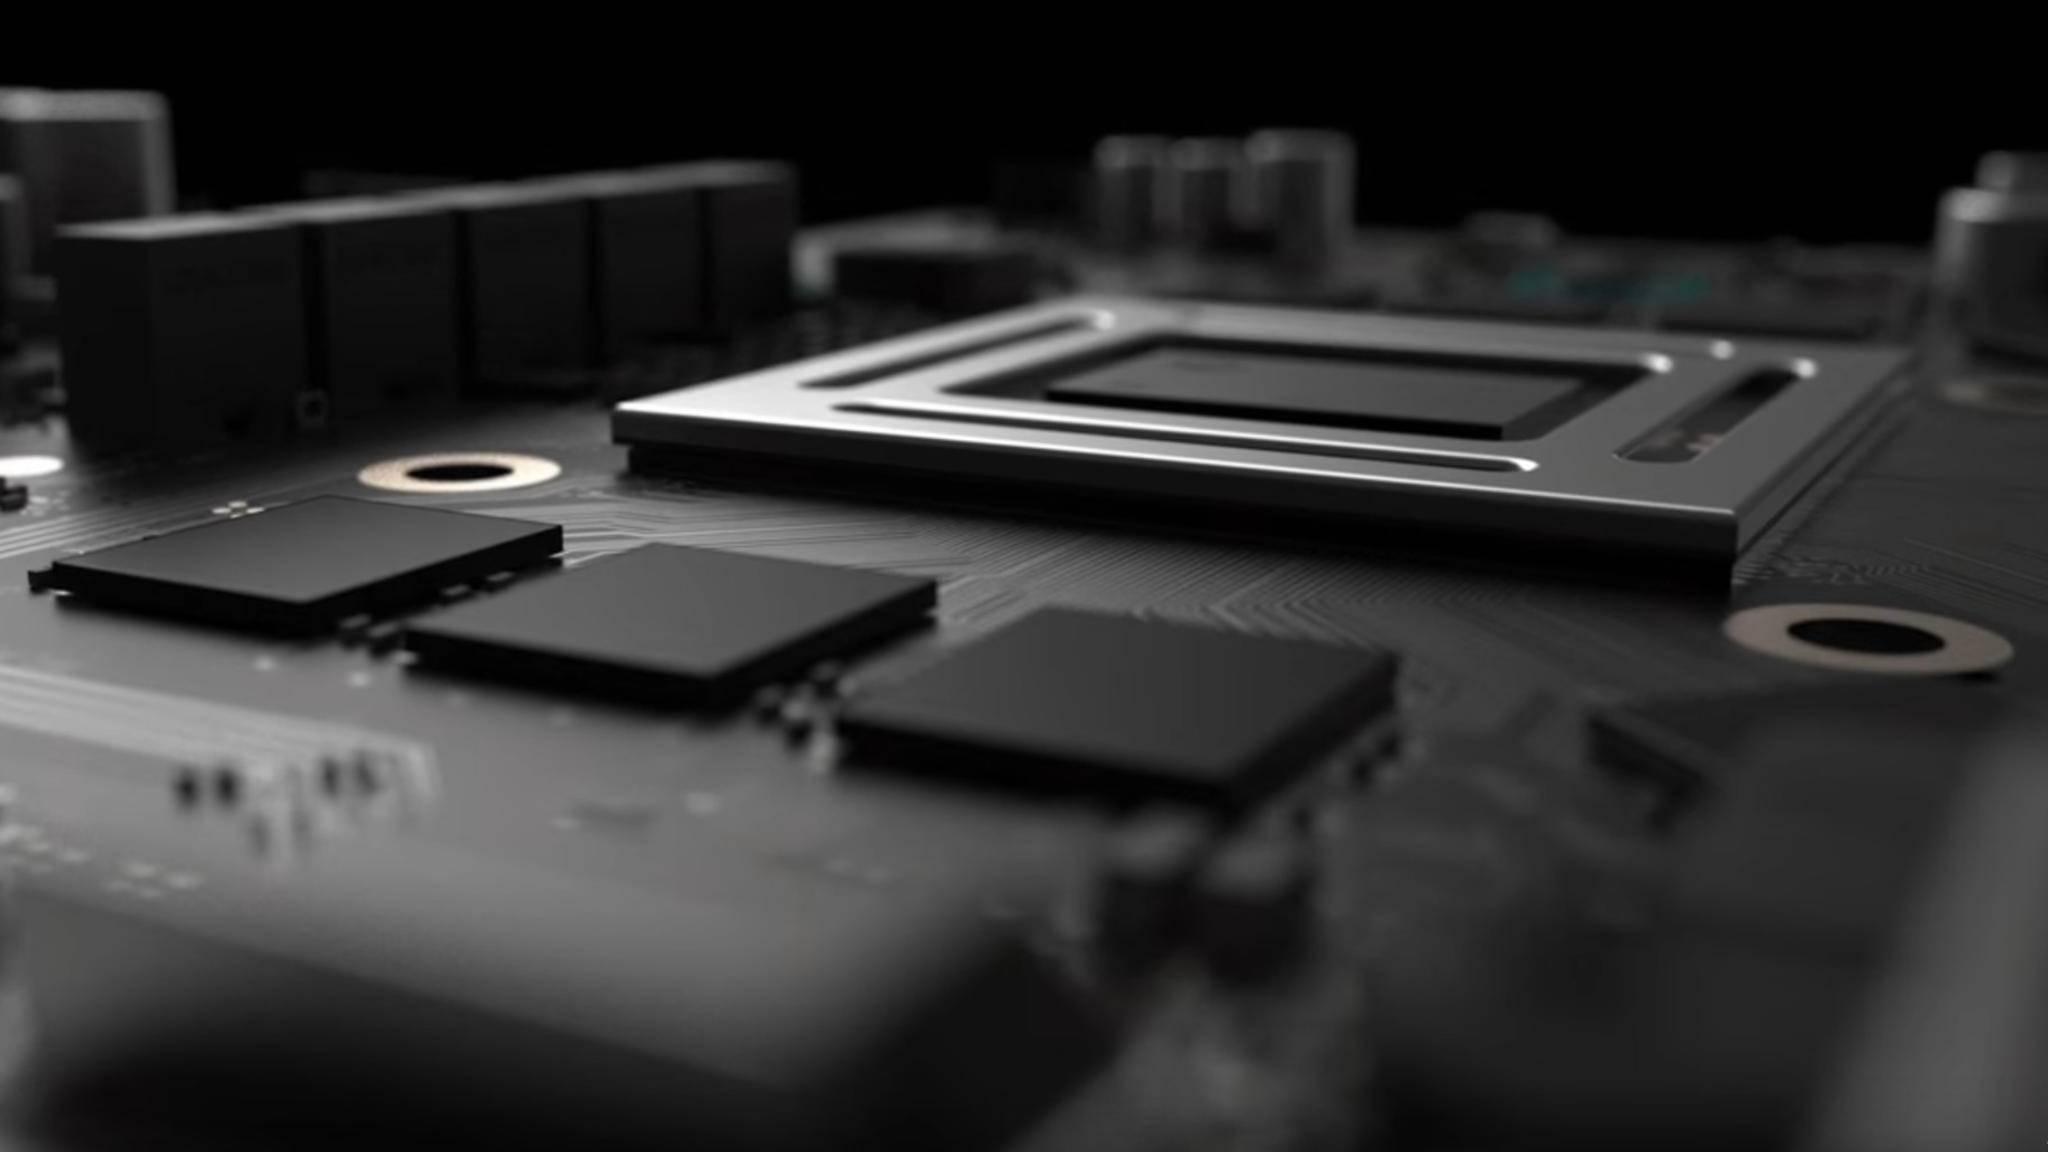 Welcher Chip wird in der Xbox Scorpio stecken?